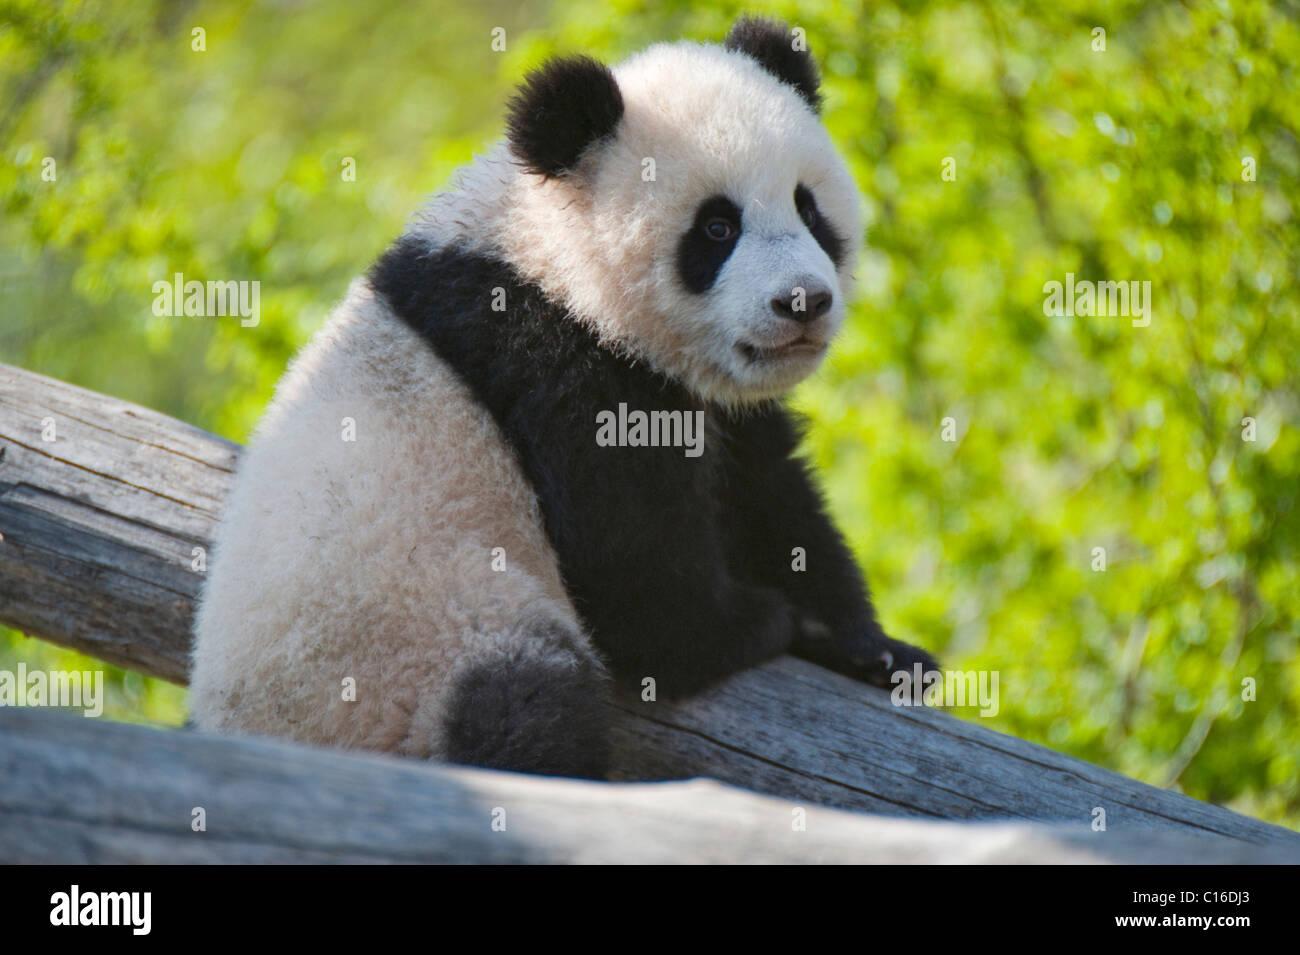 Young Panda (Ailuropoda melanoleuca) named Fu Long, Schoenbrunn Zoo, Vienna, Austria, Europe - Stock Image